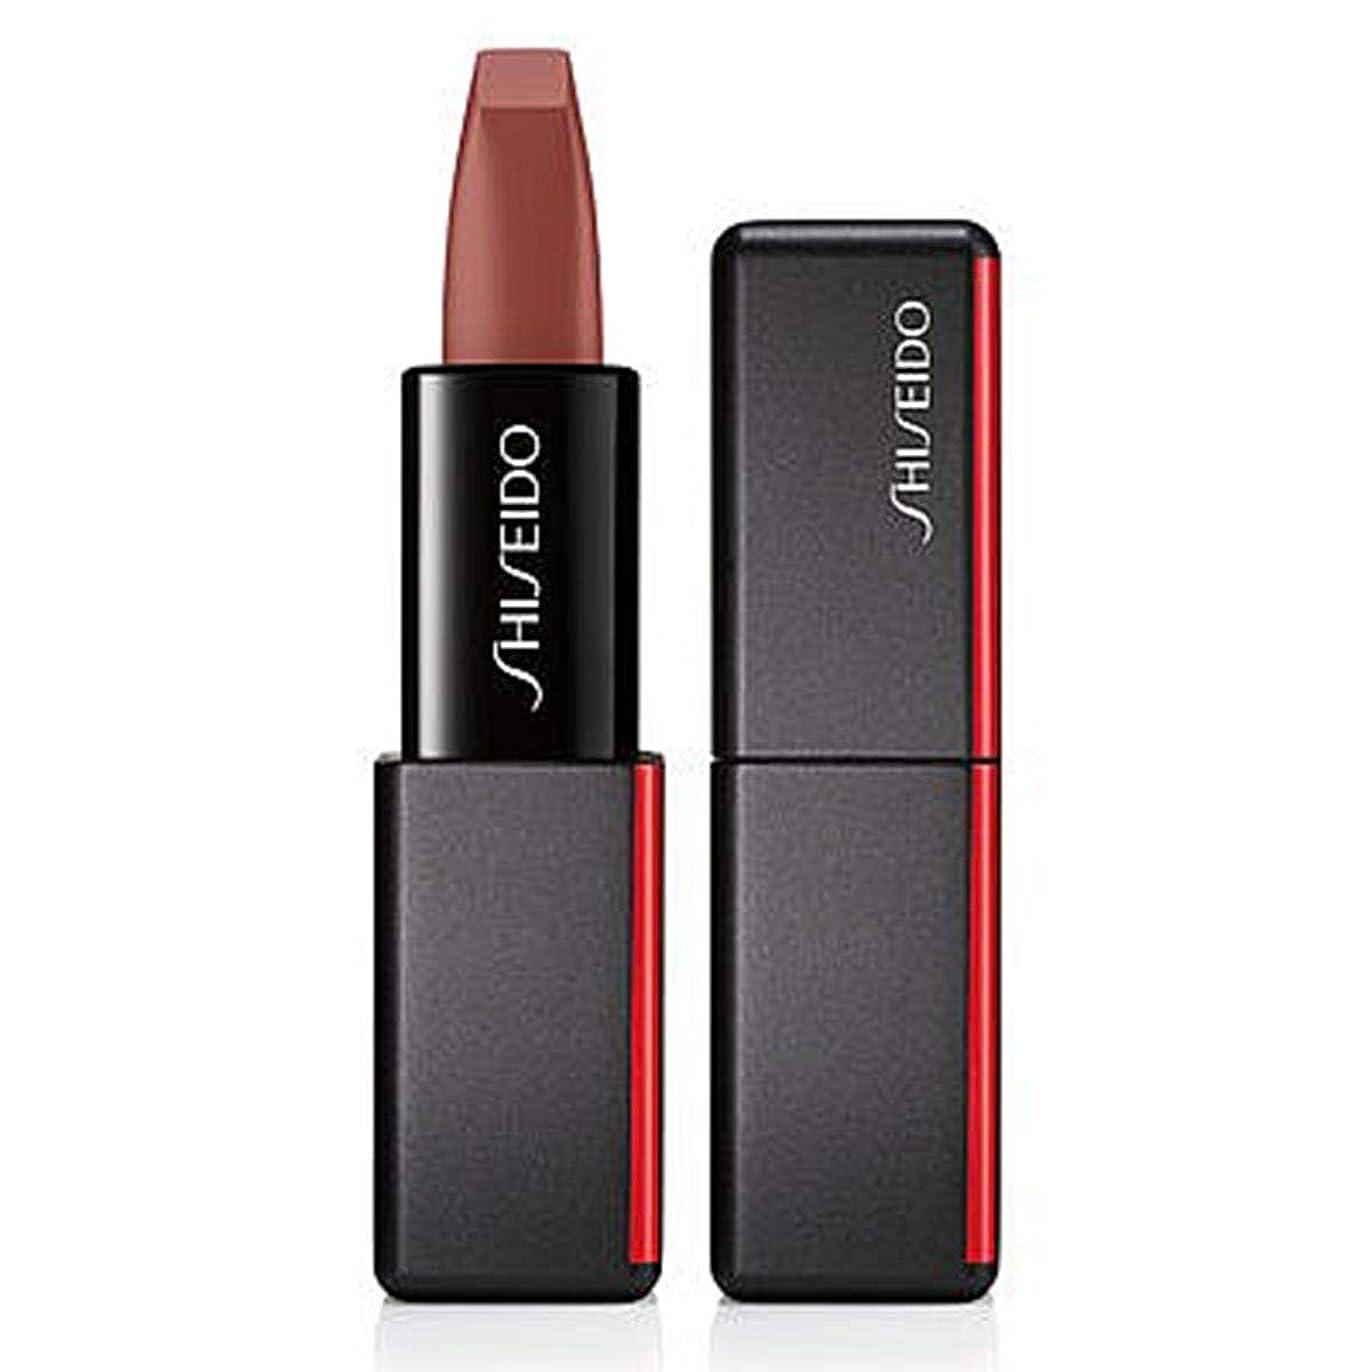 シェードシャーロットブロンテバンガロー資生堂 ModernMatte Powder Lipstick - # 507 Murmur (Rosewood) 4g/0.14oz並行輸入品